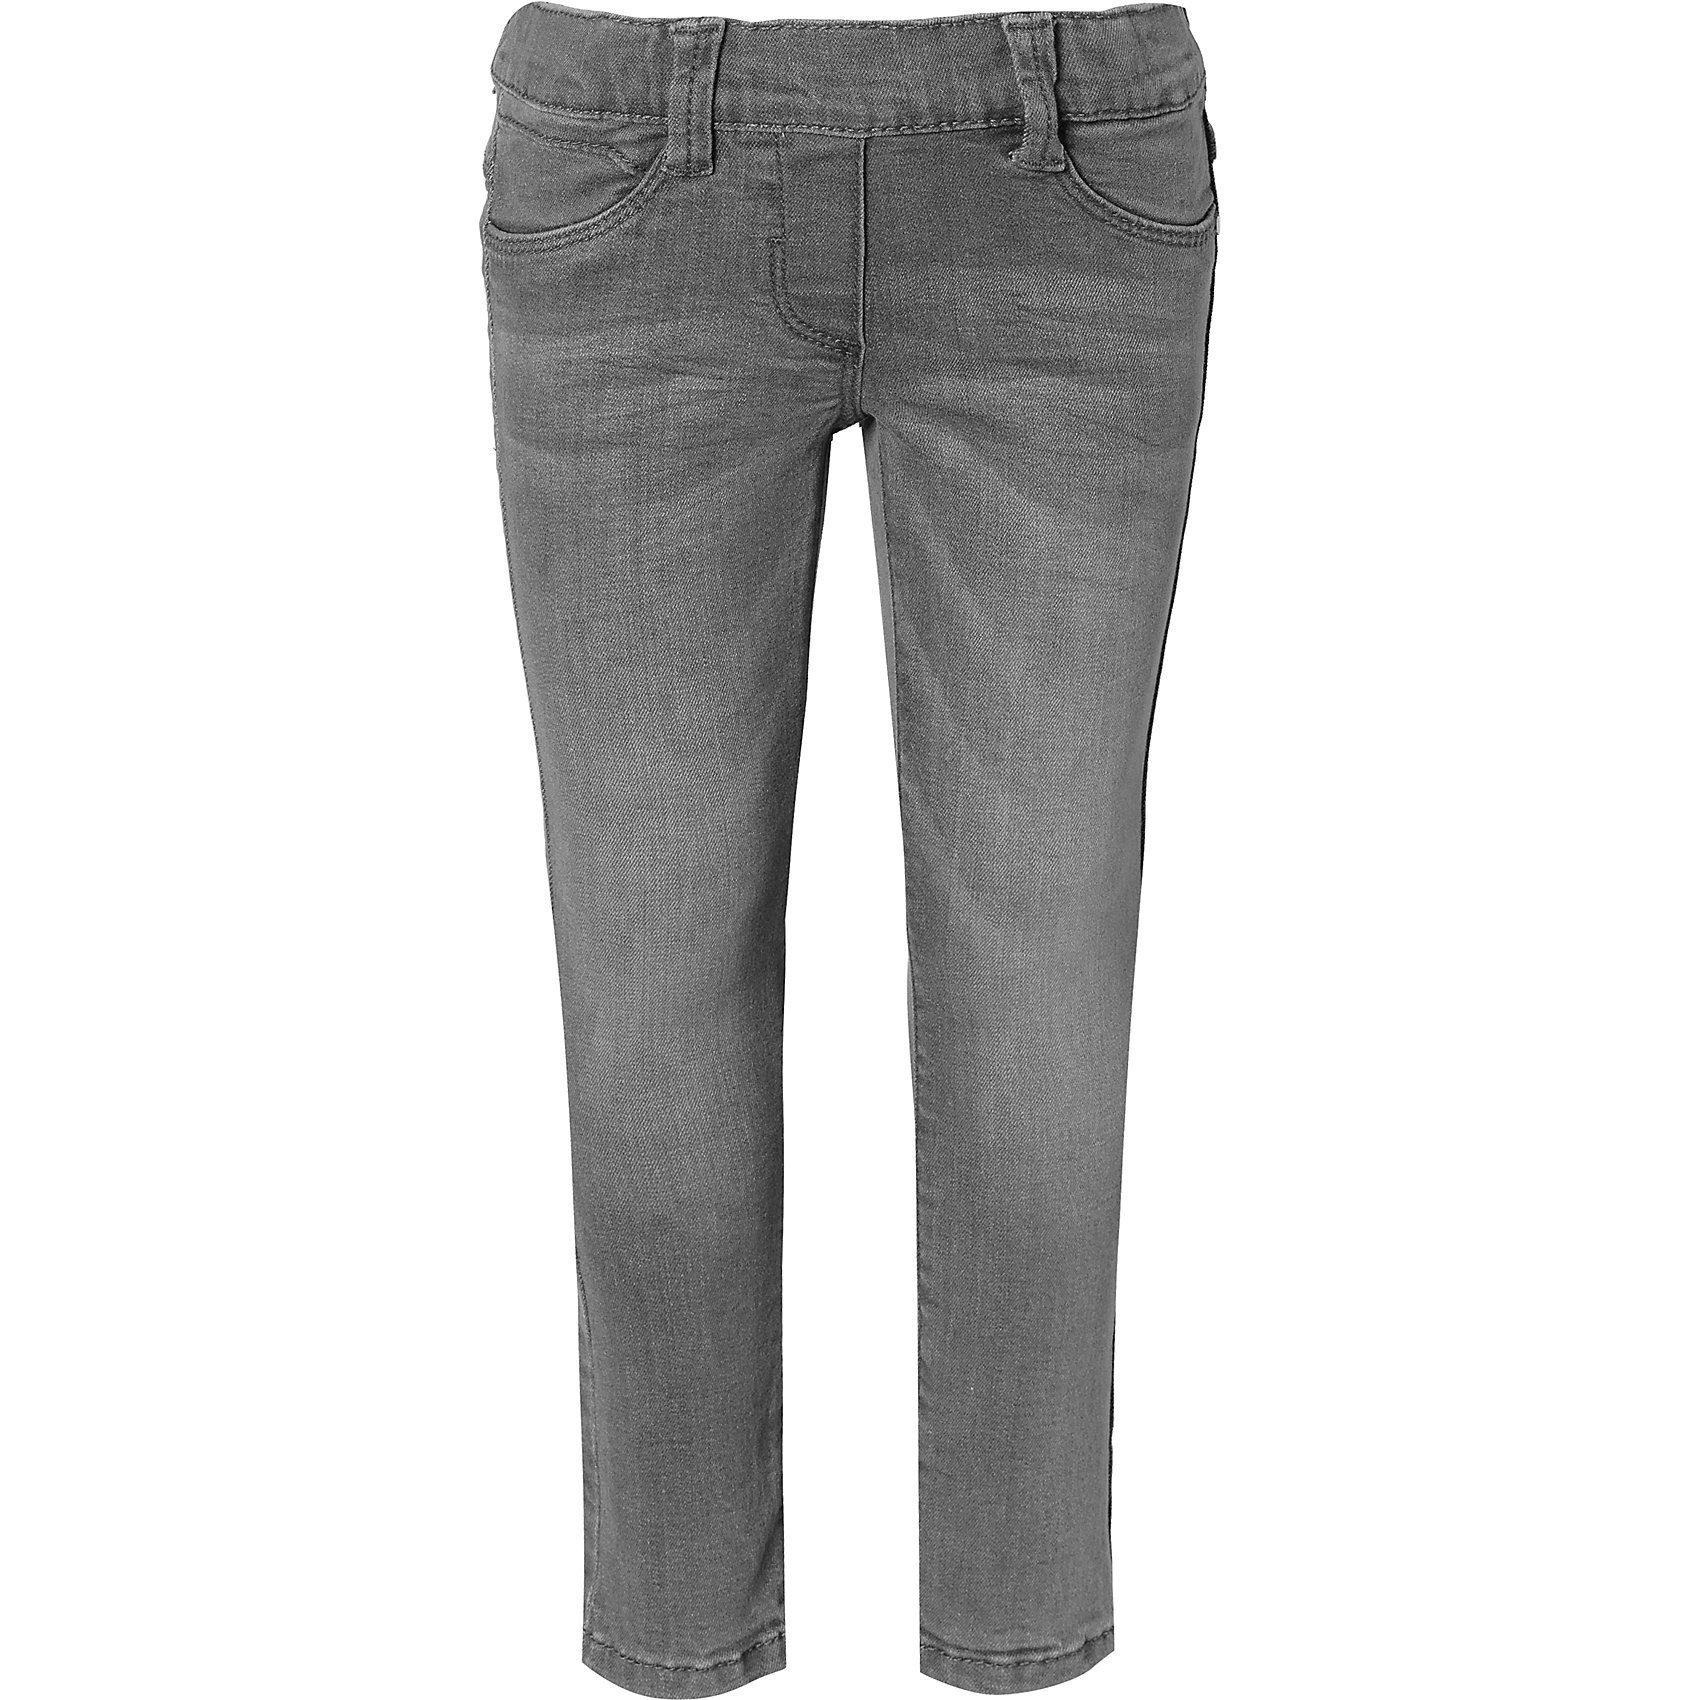 neues Hoch klar und unverwechselbar Ausverkauf graue jeans s